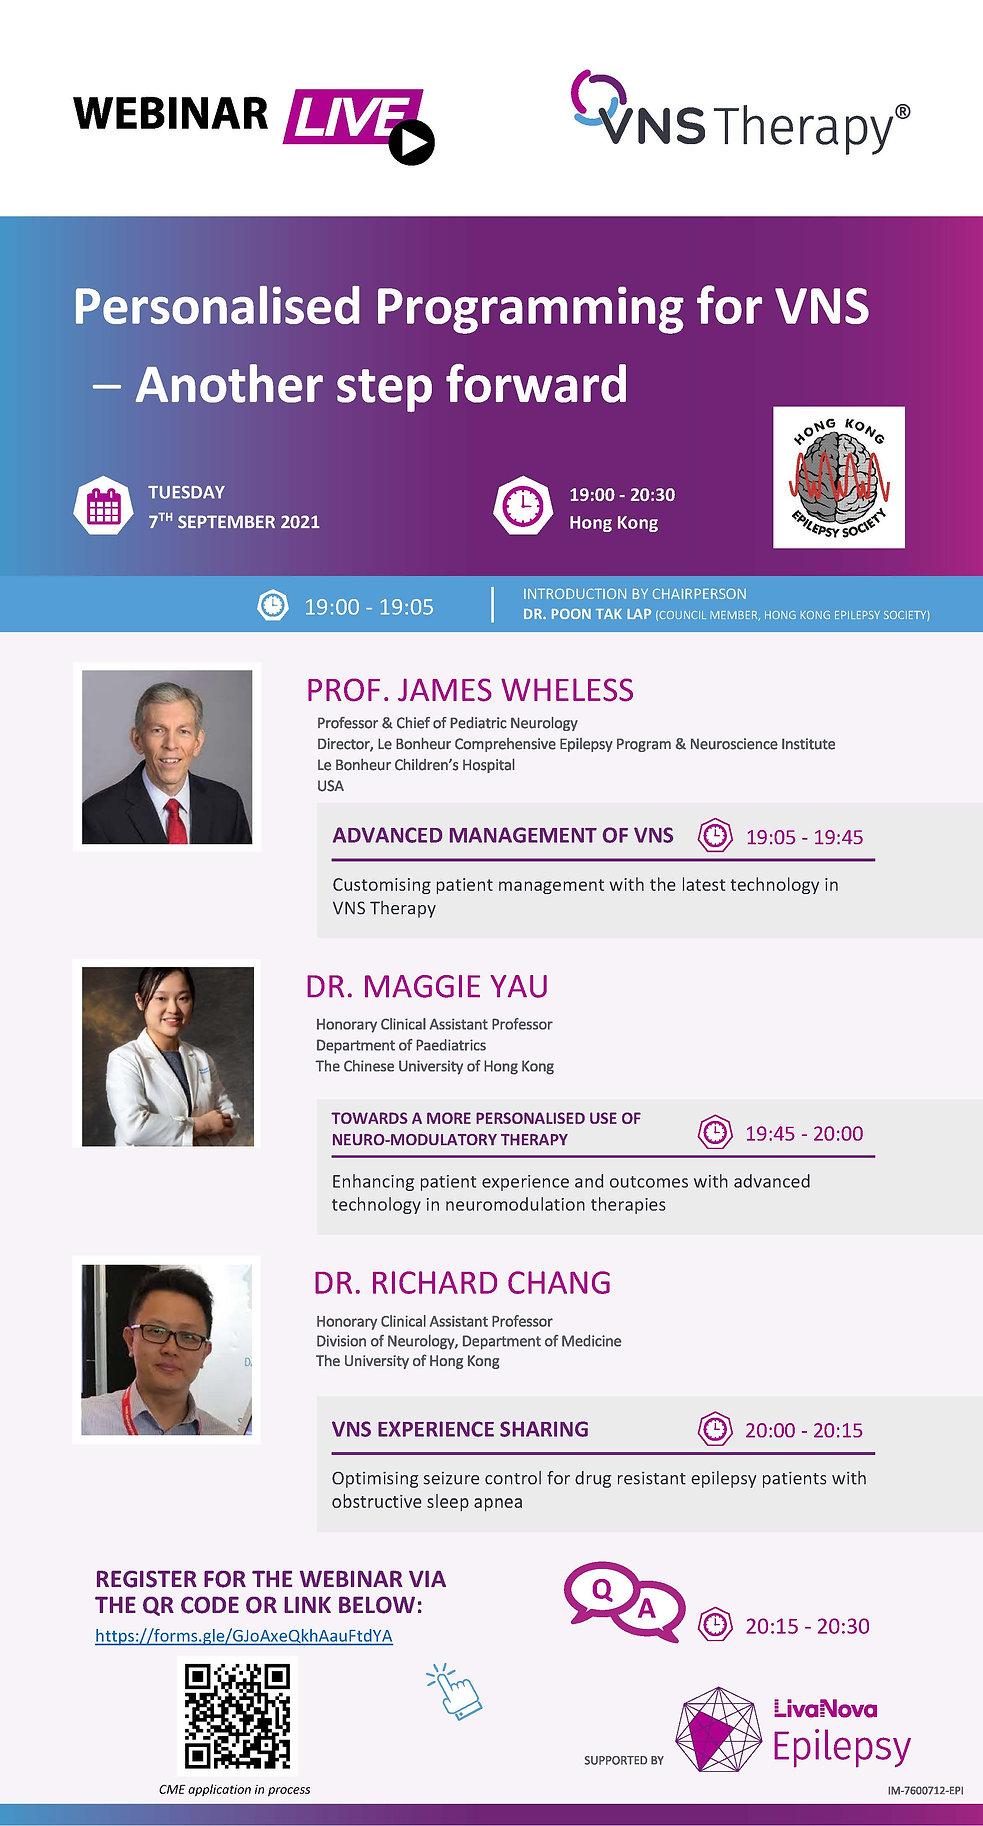 7 Sept Hong Kong LivaNova NM Webinar Invite_v3.jpg